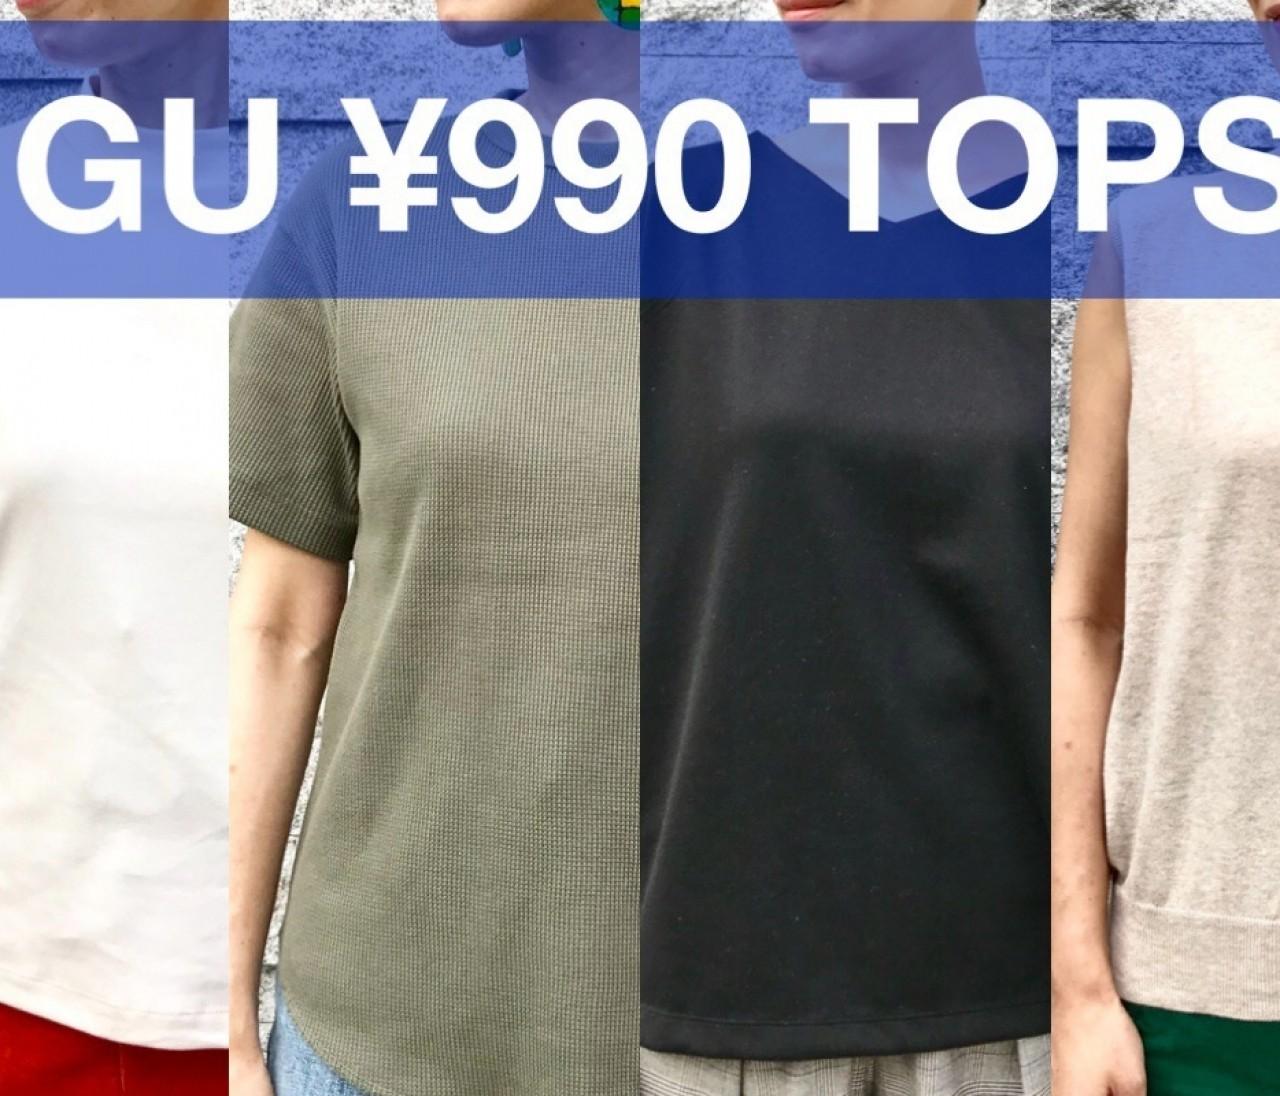 ¥990で大人女子も高見えきれい!【ジーユー(GU)】超高コスパTシャツ&トップス人気4選